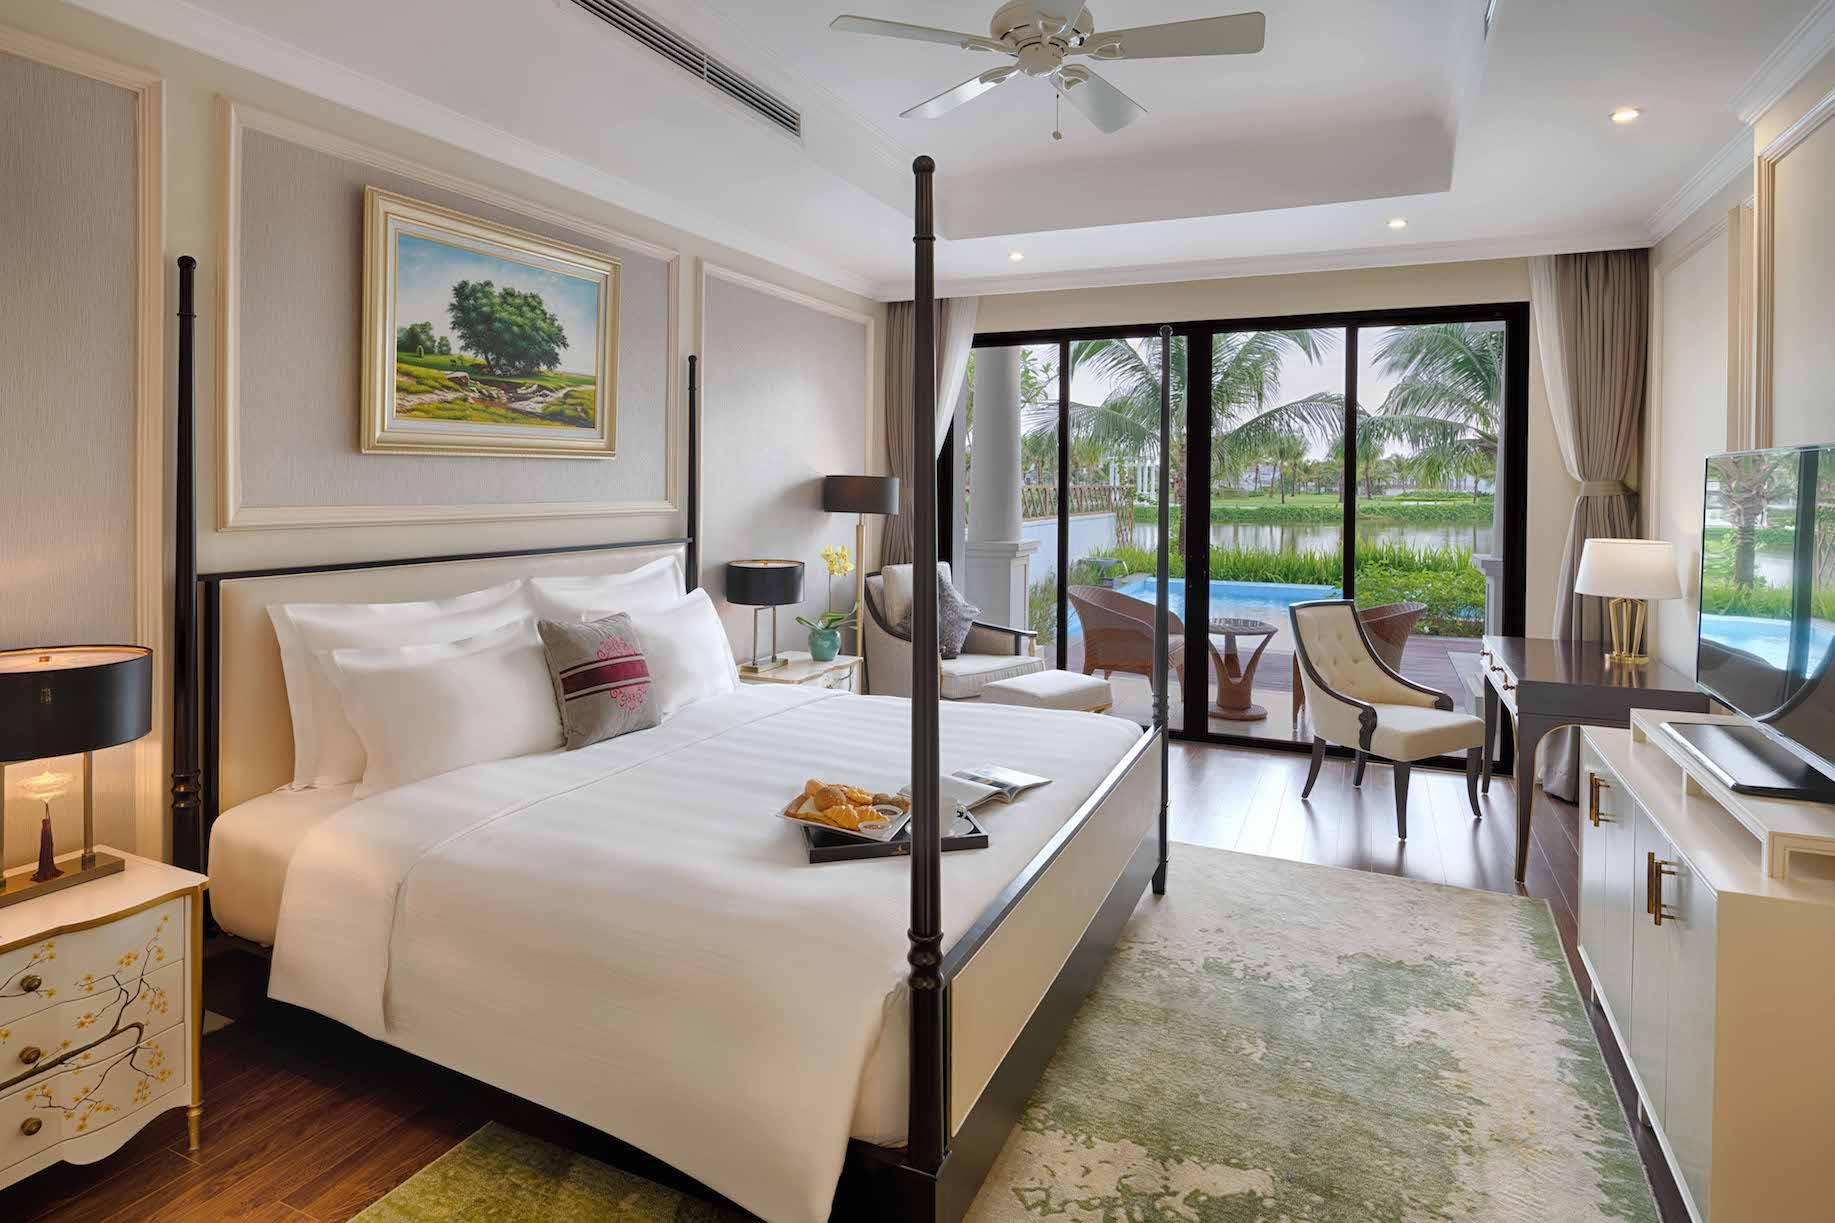 Villa tại Vinpearl Discovery 3 Phú Quốc. Hình: Sưu tầm